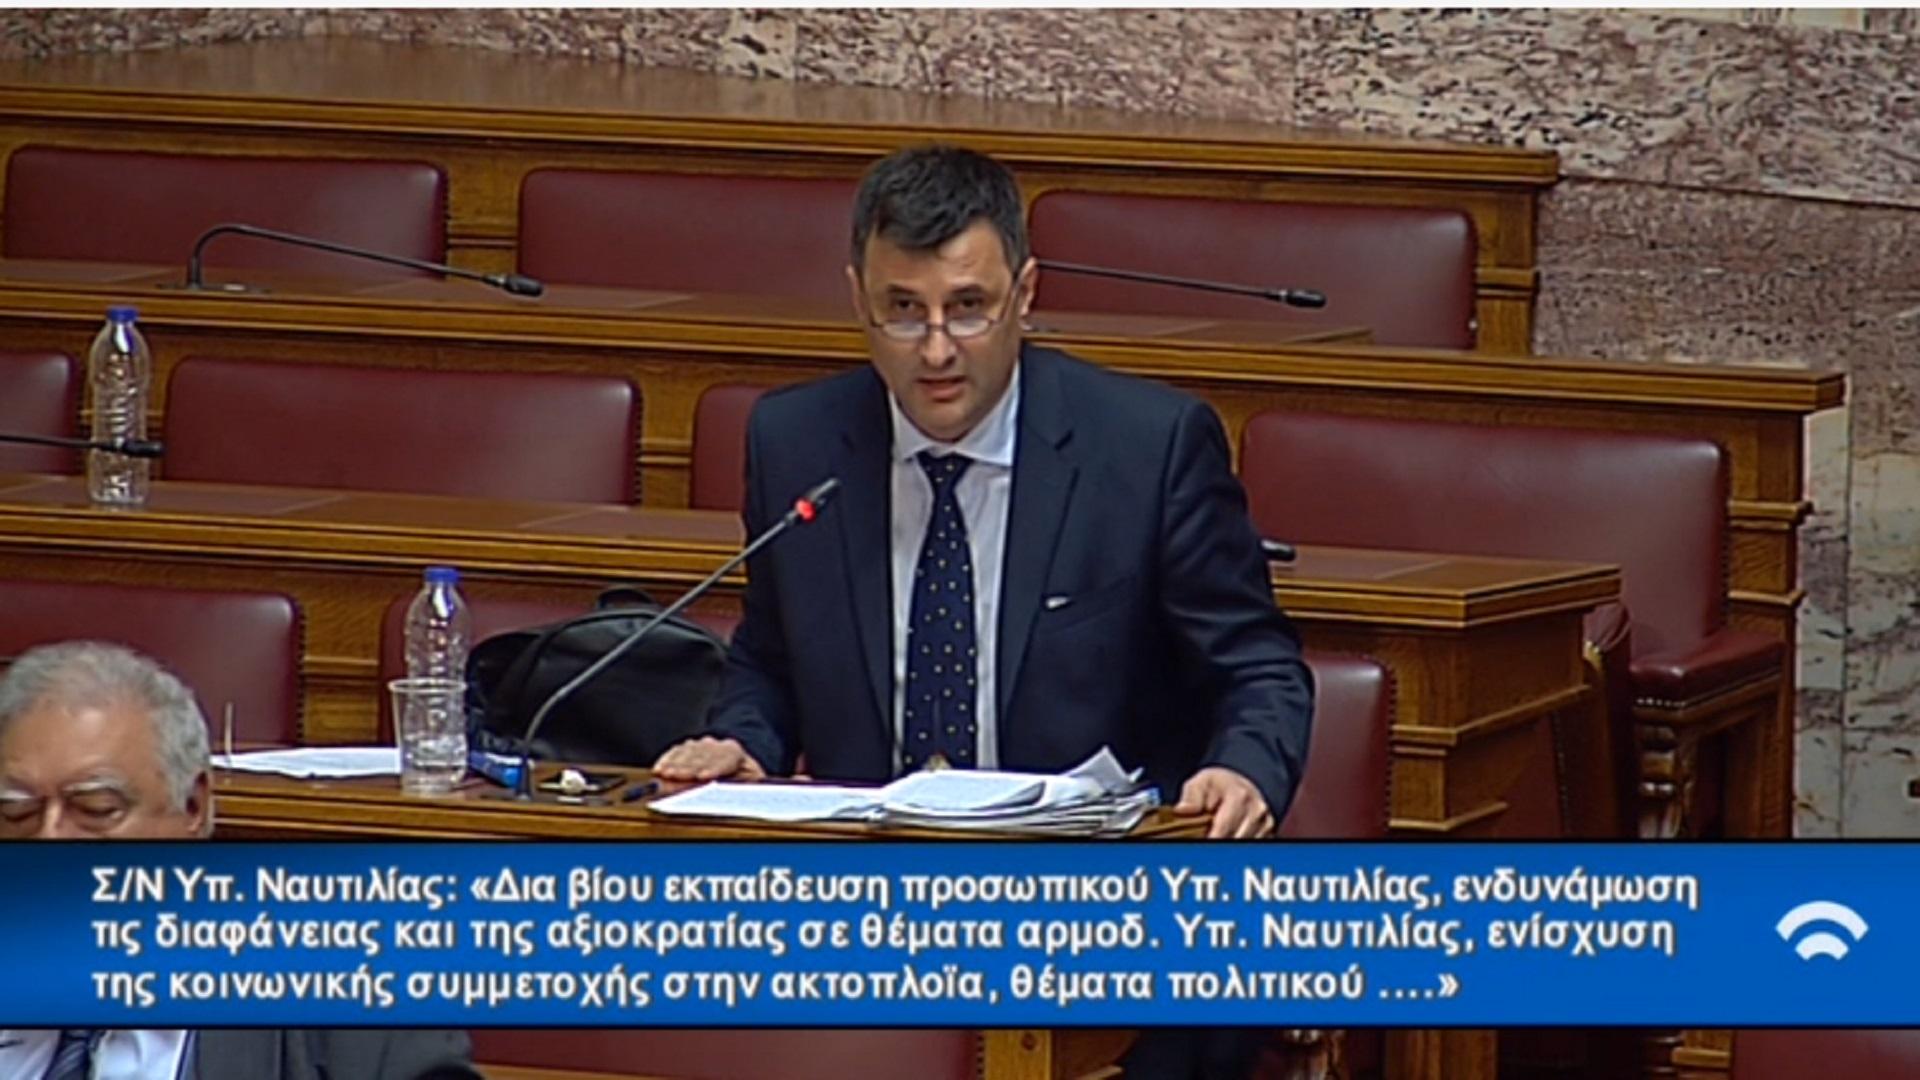 Ο πρόεδρος της ΠΟΕΠΛΣ στη Διαρκή Επιτροπή Παραγωγής και Εμπορίου της Βουλής